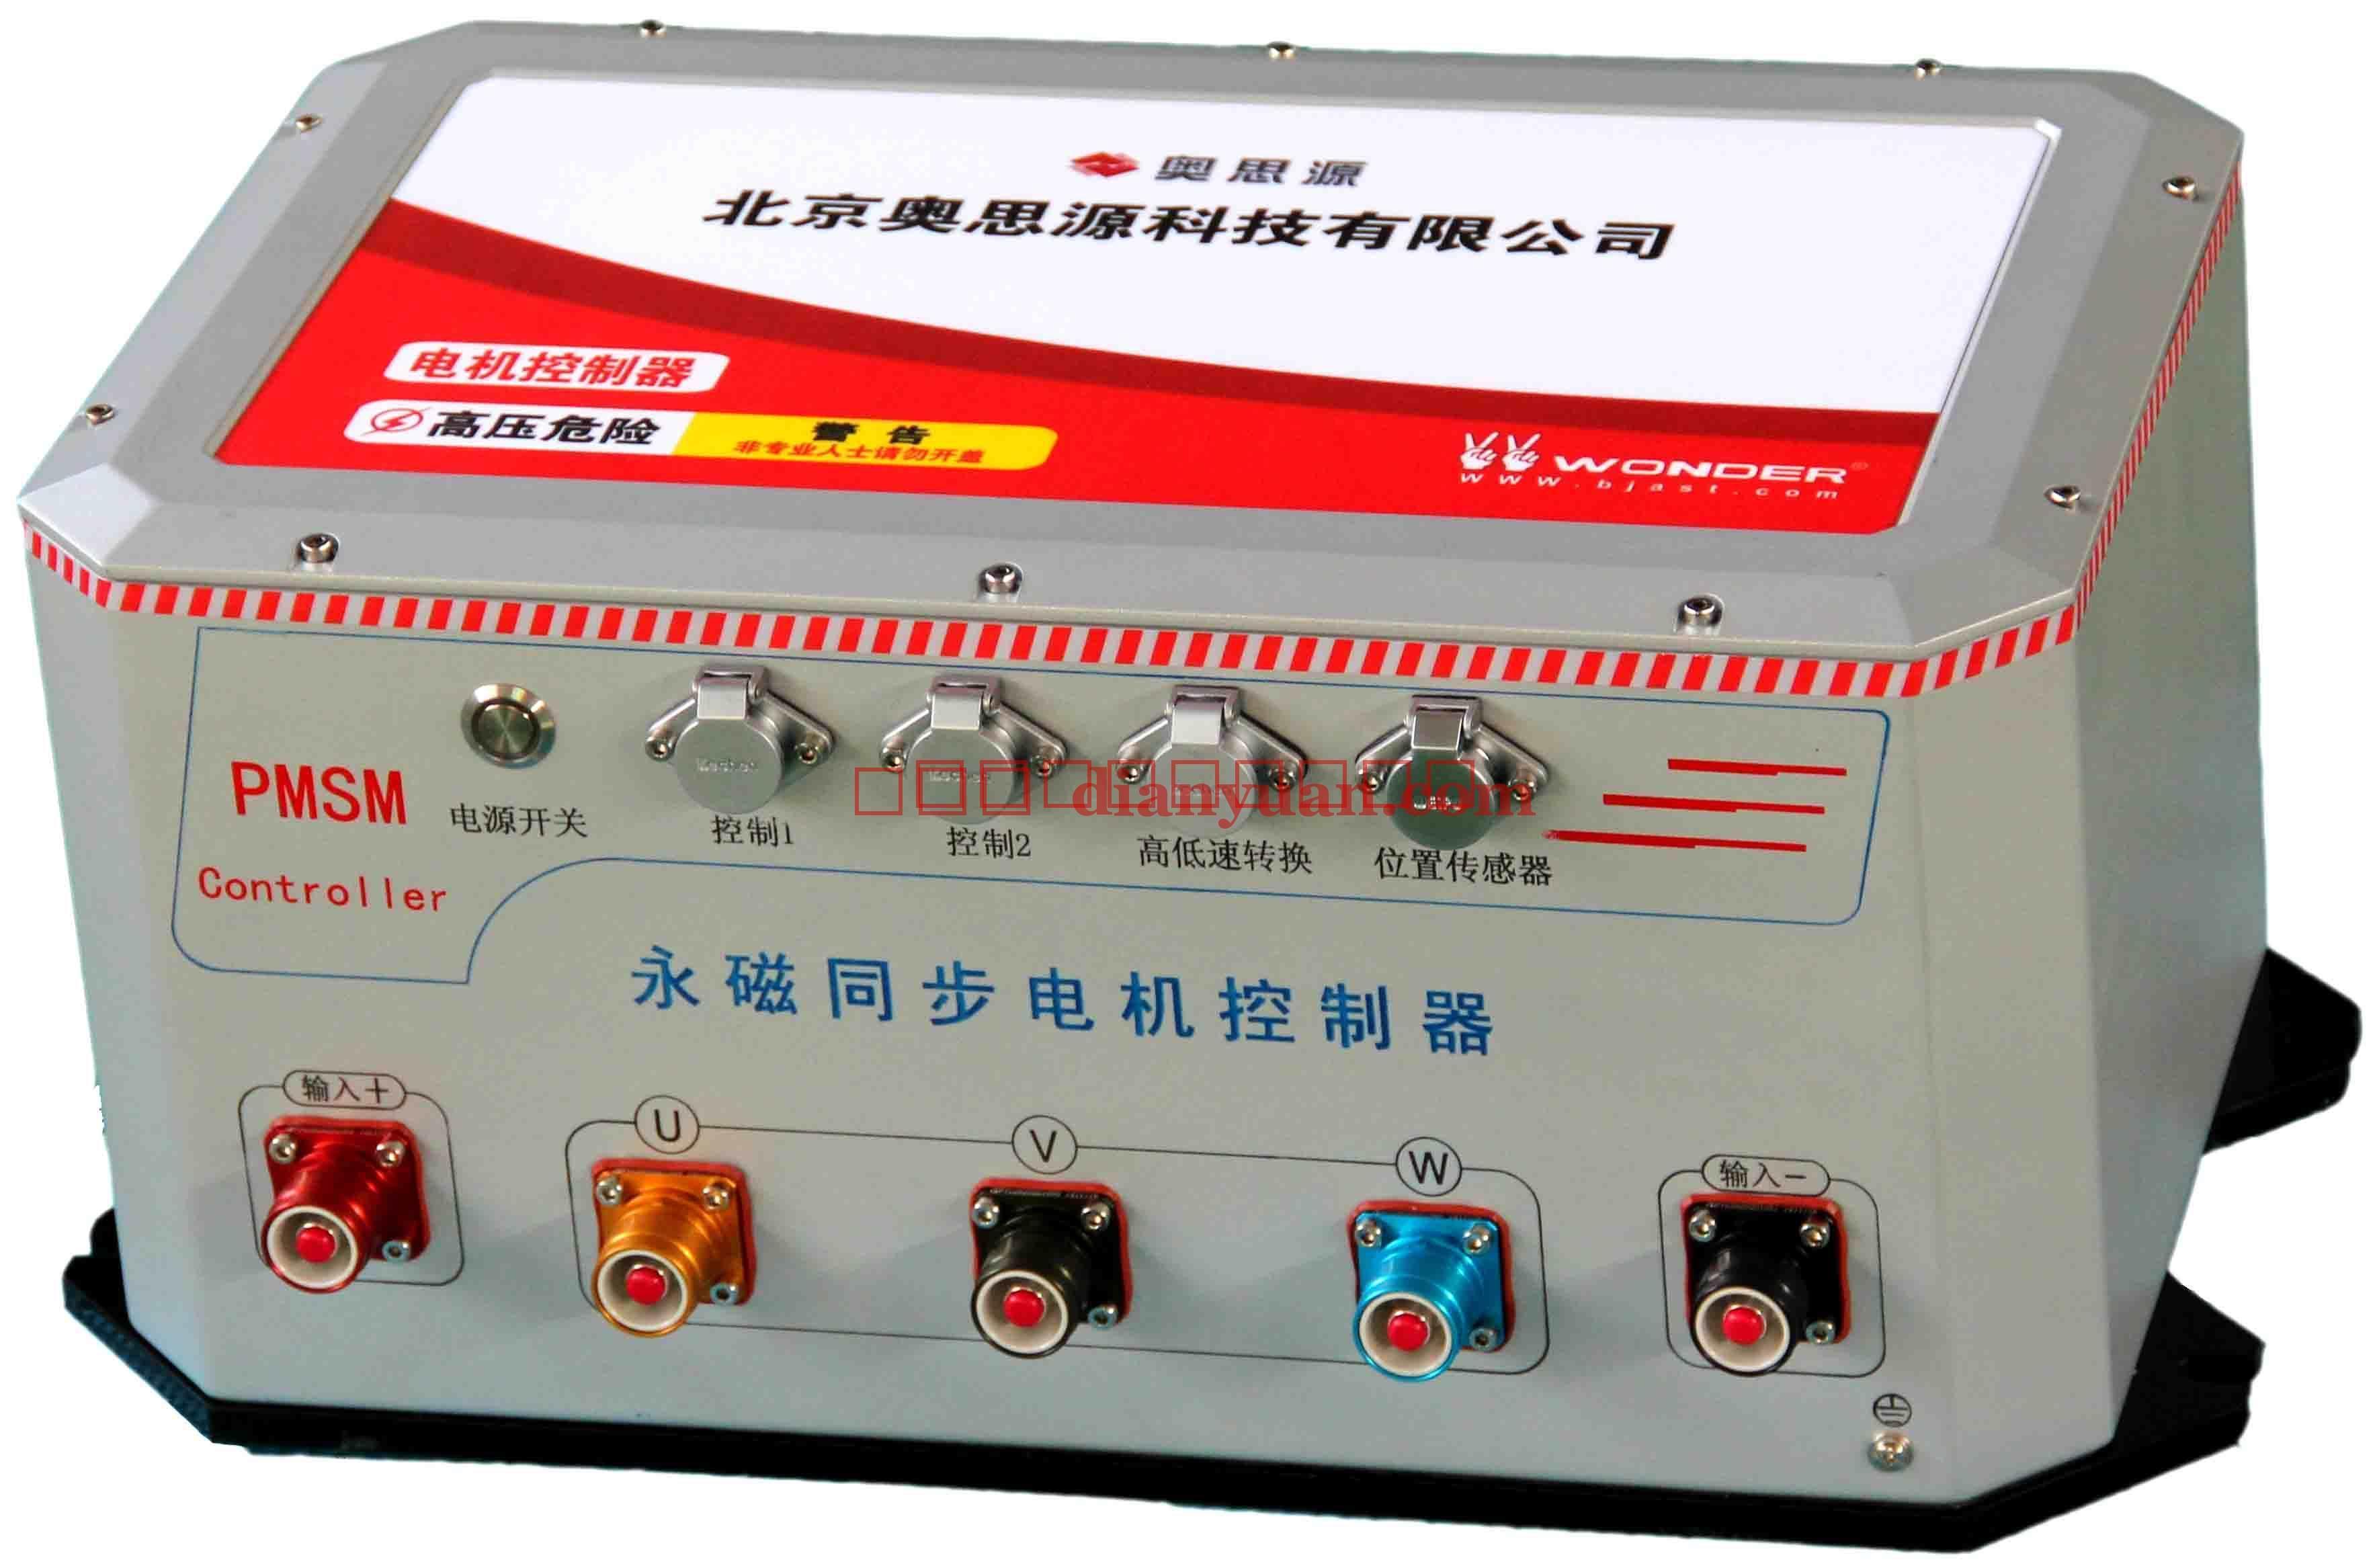 [产品介绍]: 该调速控制器可以用于电动大巴,电动轿车,混合动力车 不但具有调速功能,而且有能量回收功能,可以延长续时里程 可以根据用户的需求单独设计和制作 我公司生产的ASY系列直流电机调速器,电动车调速控制器( 3KW-300KW ),采用新型IGBT为主攻率开关器件,主电路采用三相高频斩波电路,使得电源具有可靠性高、稳定性好、体积小、重量轻等优点。另外,整机设计时,充分考虑了机器的使用环境,做到防潮,防水,防尘,抗震,耐高温。除了具有调速功能外,还具有能量回收功能。能量回收是指把车辆的动能通过特有技